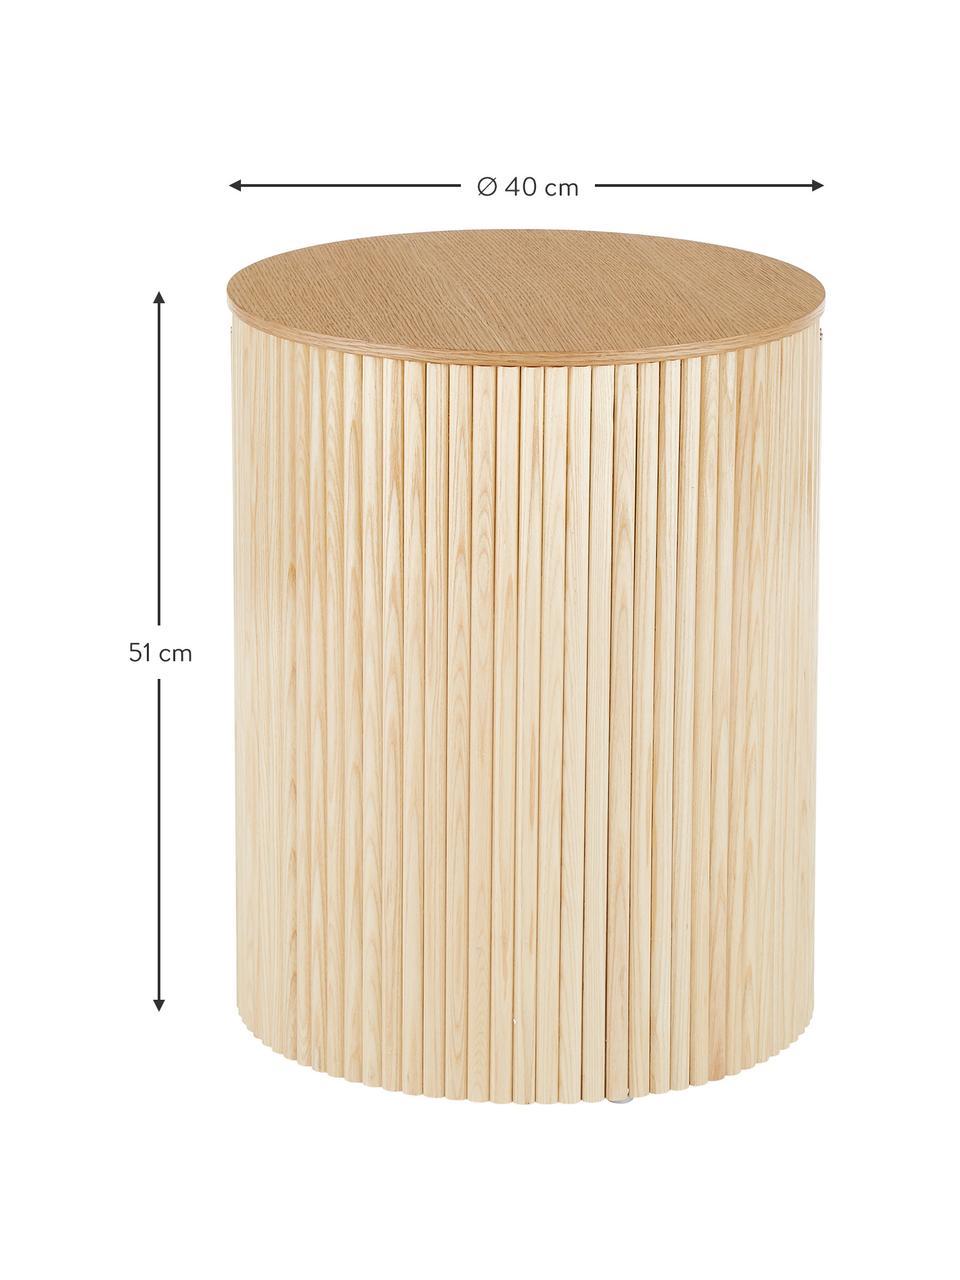 Tavolino contenitore rotondo in legno Nele, Pannello di fibra a media densità (MDF) con finitura in legno di frassino, Marrone chiaro, Ø 40 x Alt. 51 cm